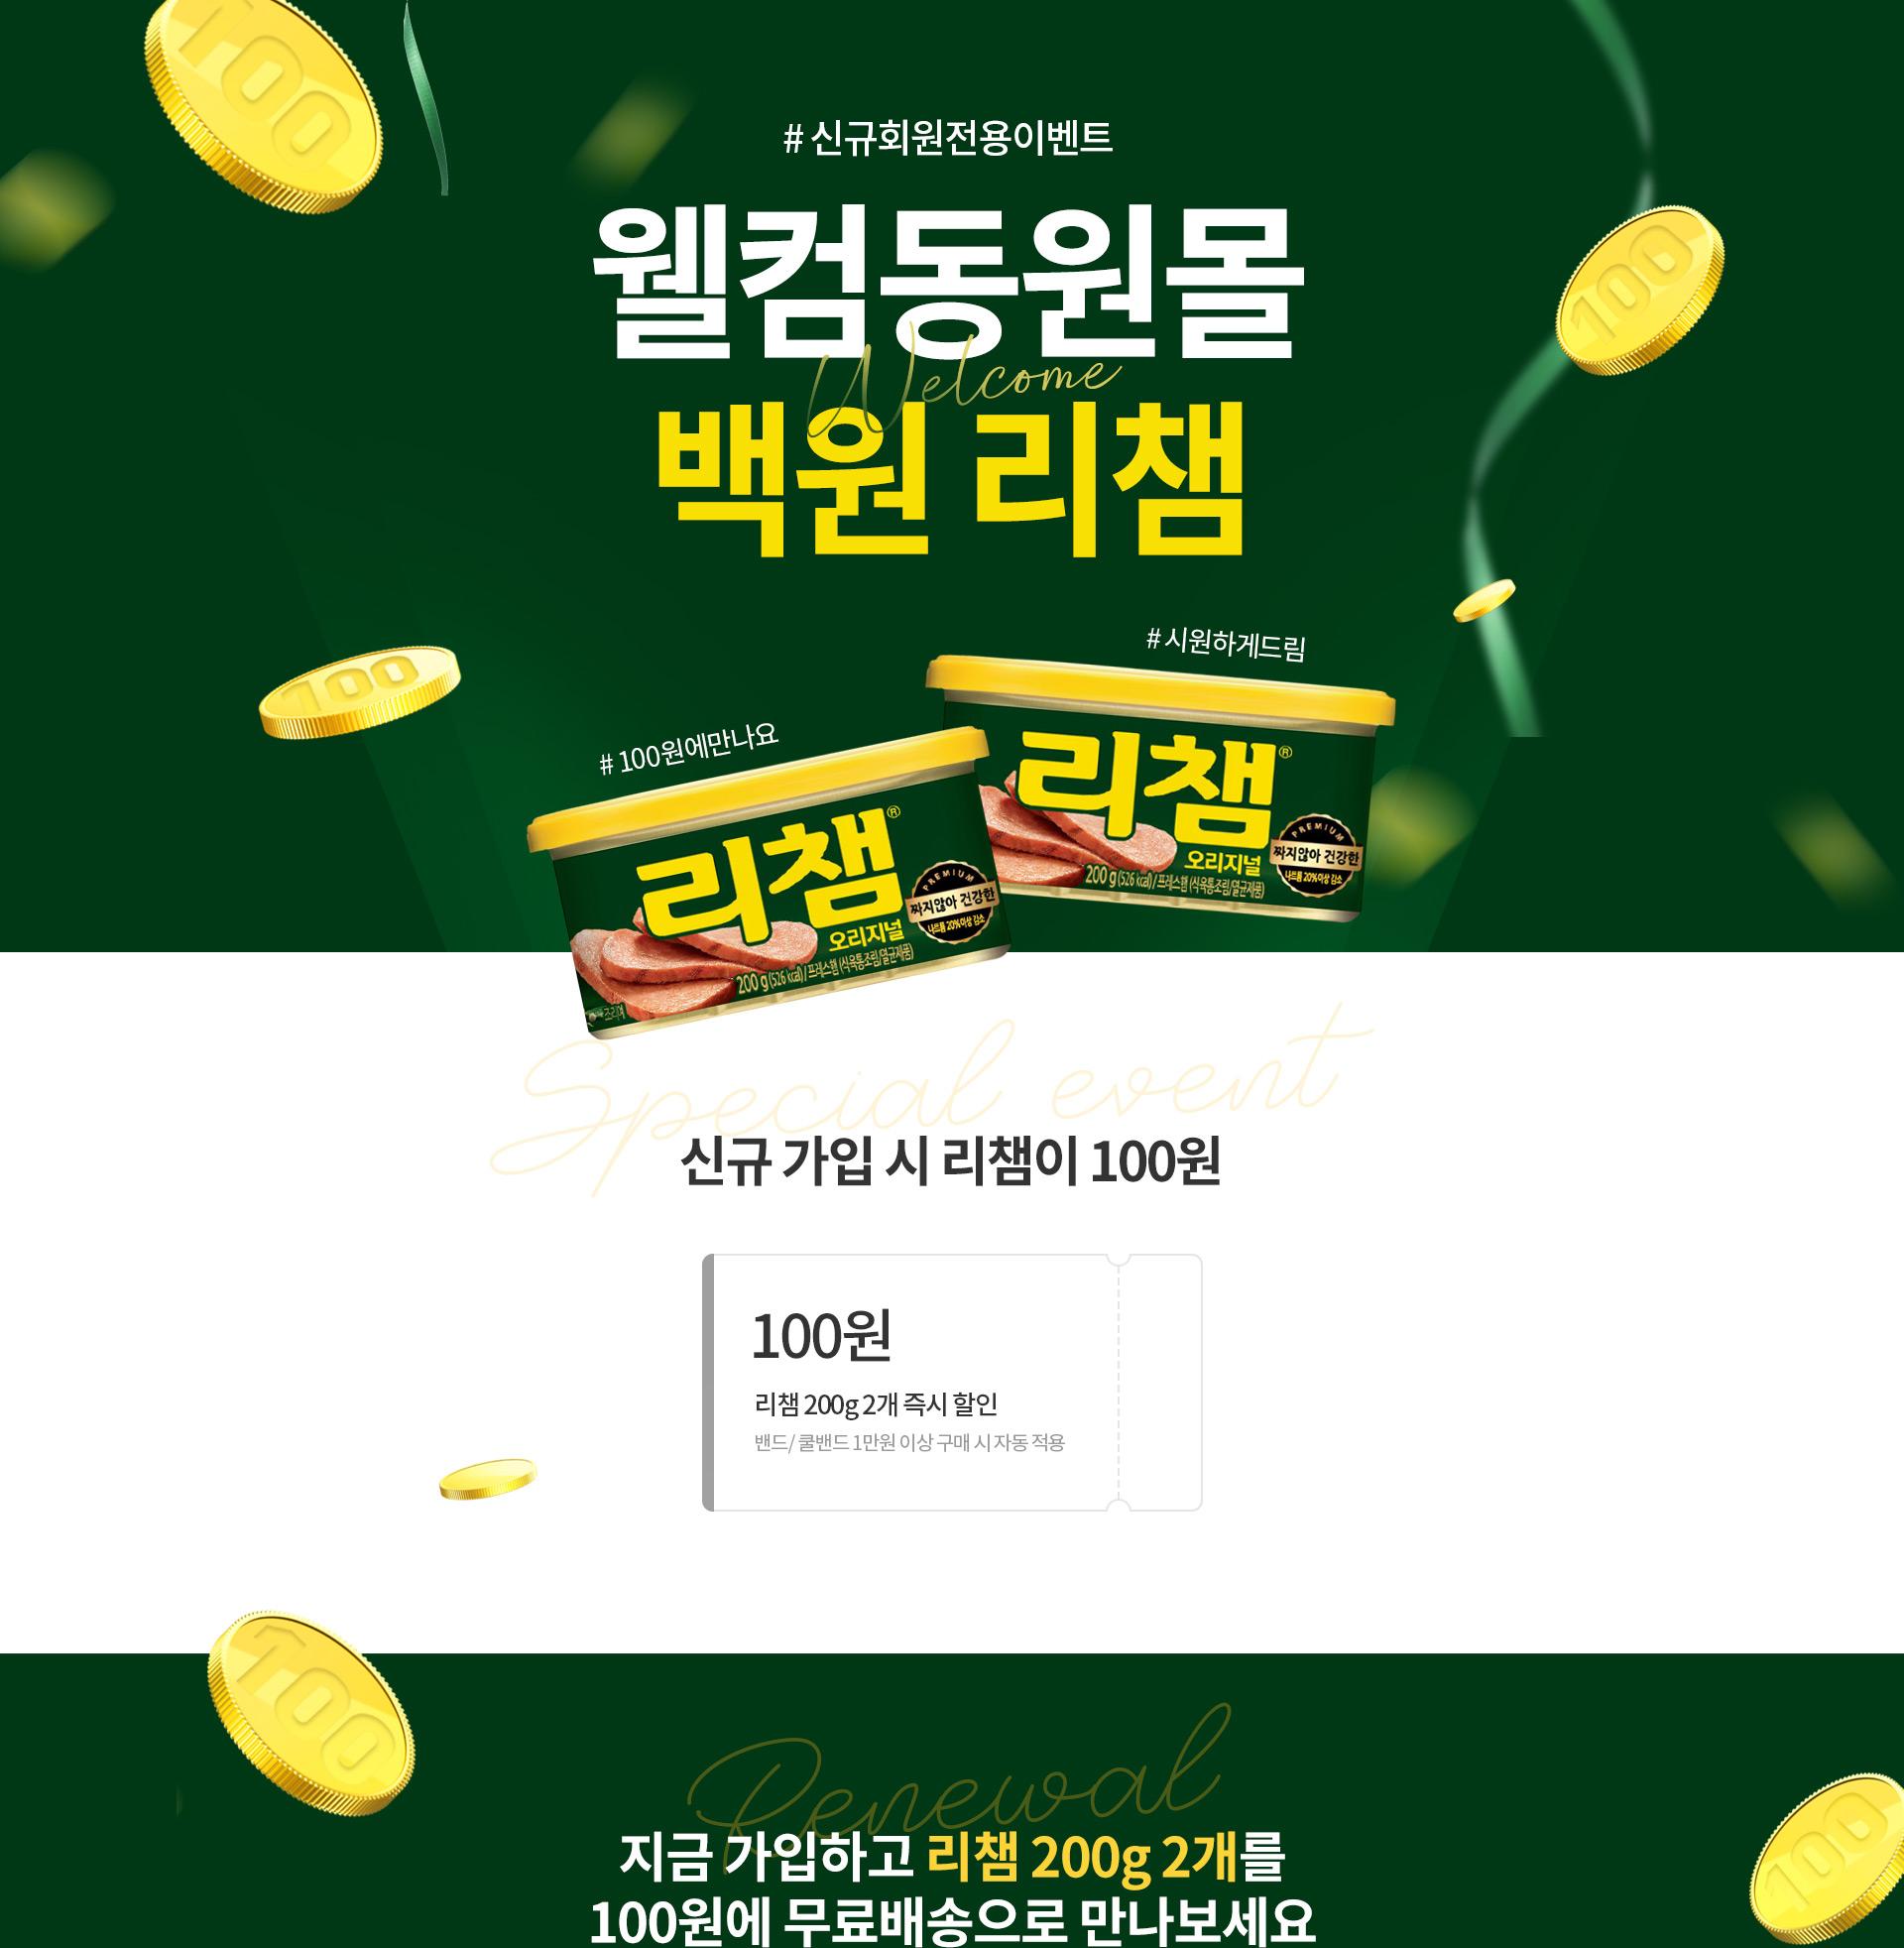 신규 회원 전용 이벤트 웰컴동원몰 백원리챔 100원에 만나요 시원하게 드림